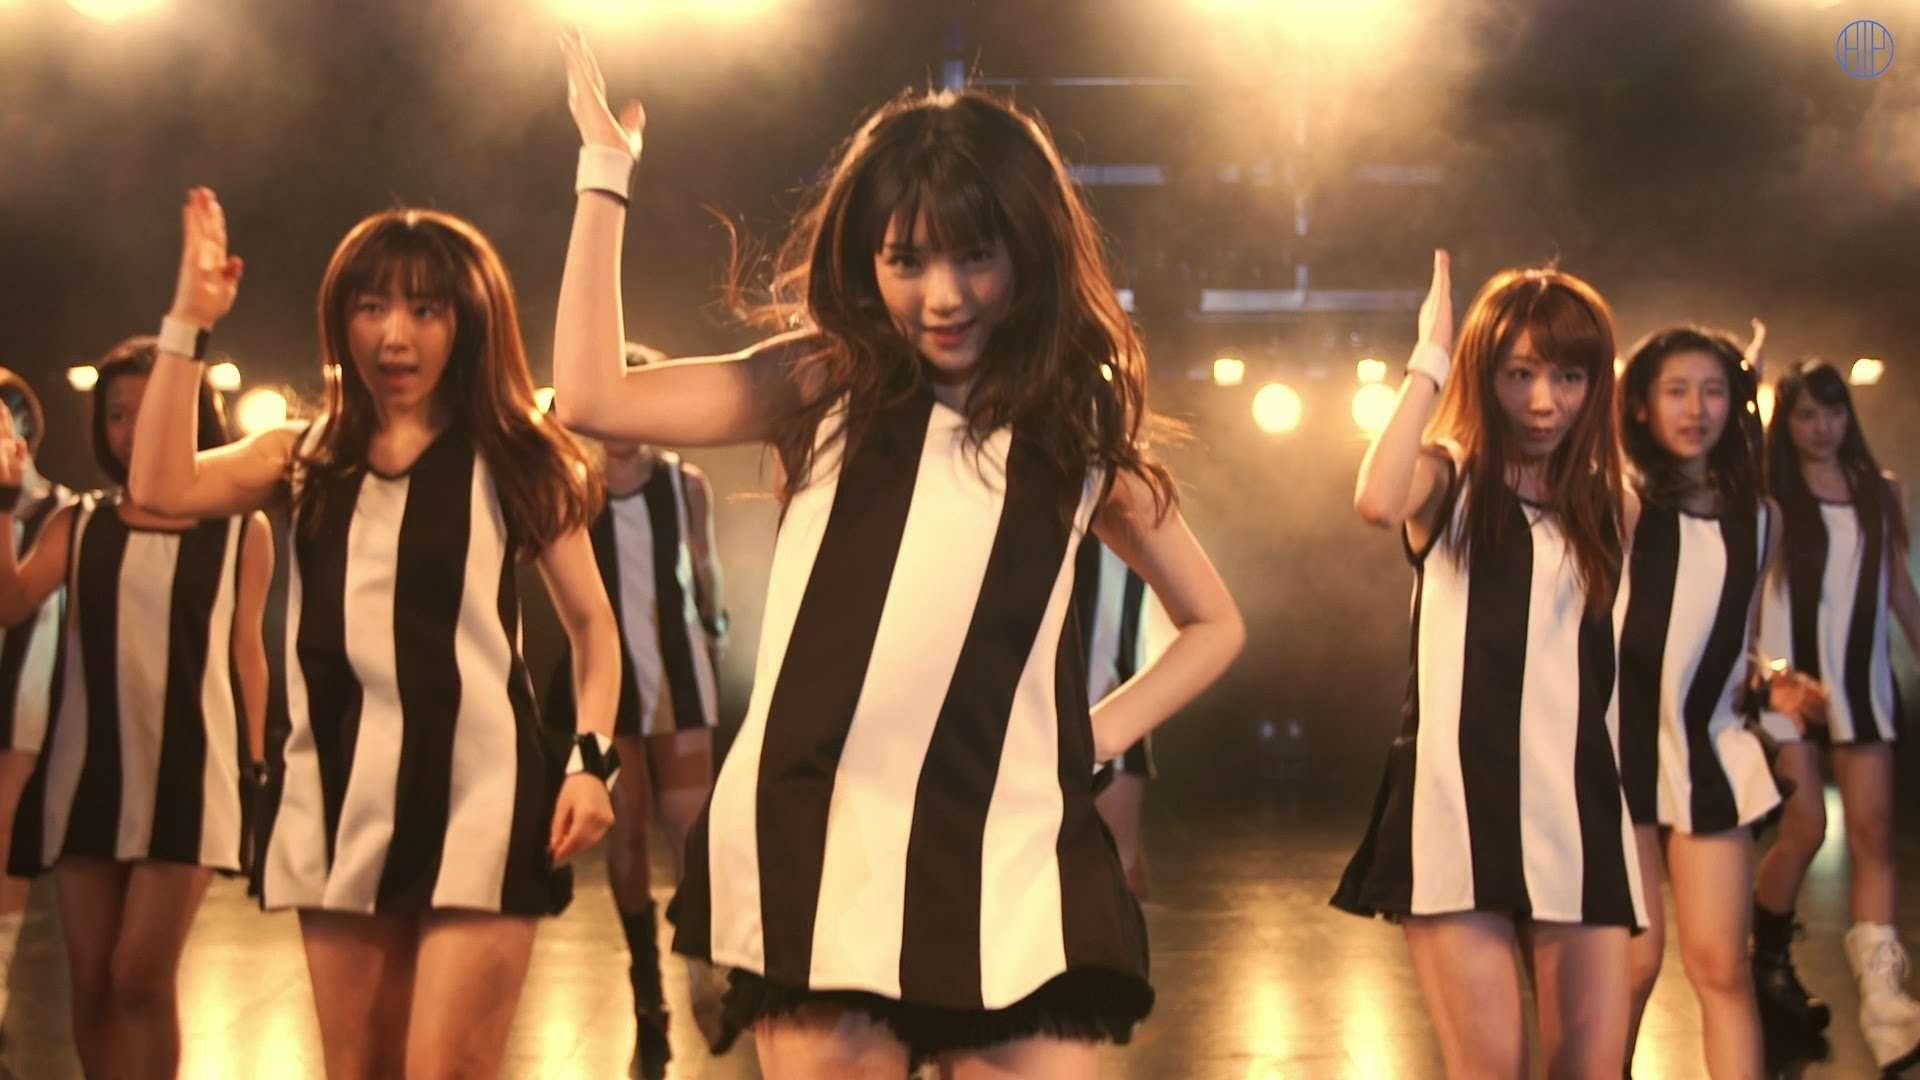 モーニング娘。MV公開!&Hello! Project 2013 SUMMER MC:鈴木香音【ハロ!ステ#26】 - YouTube